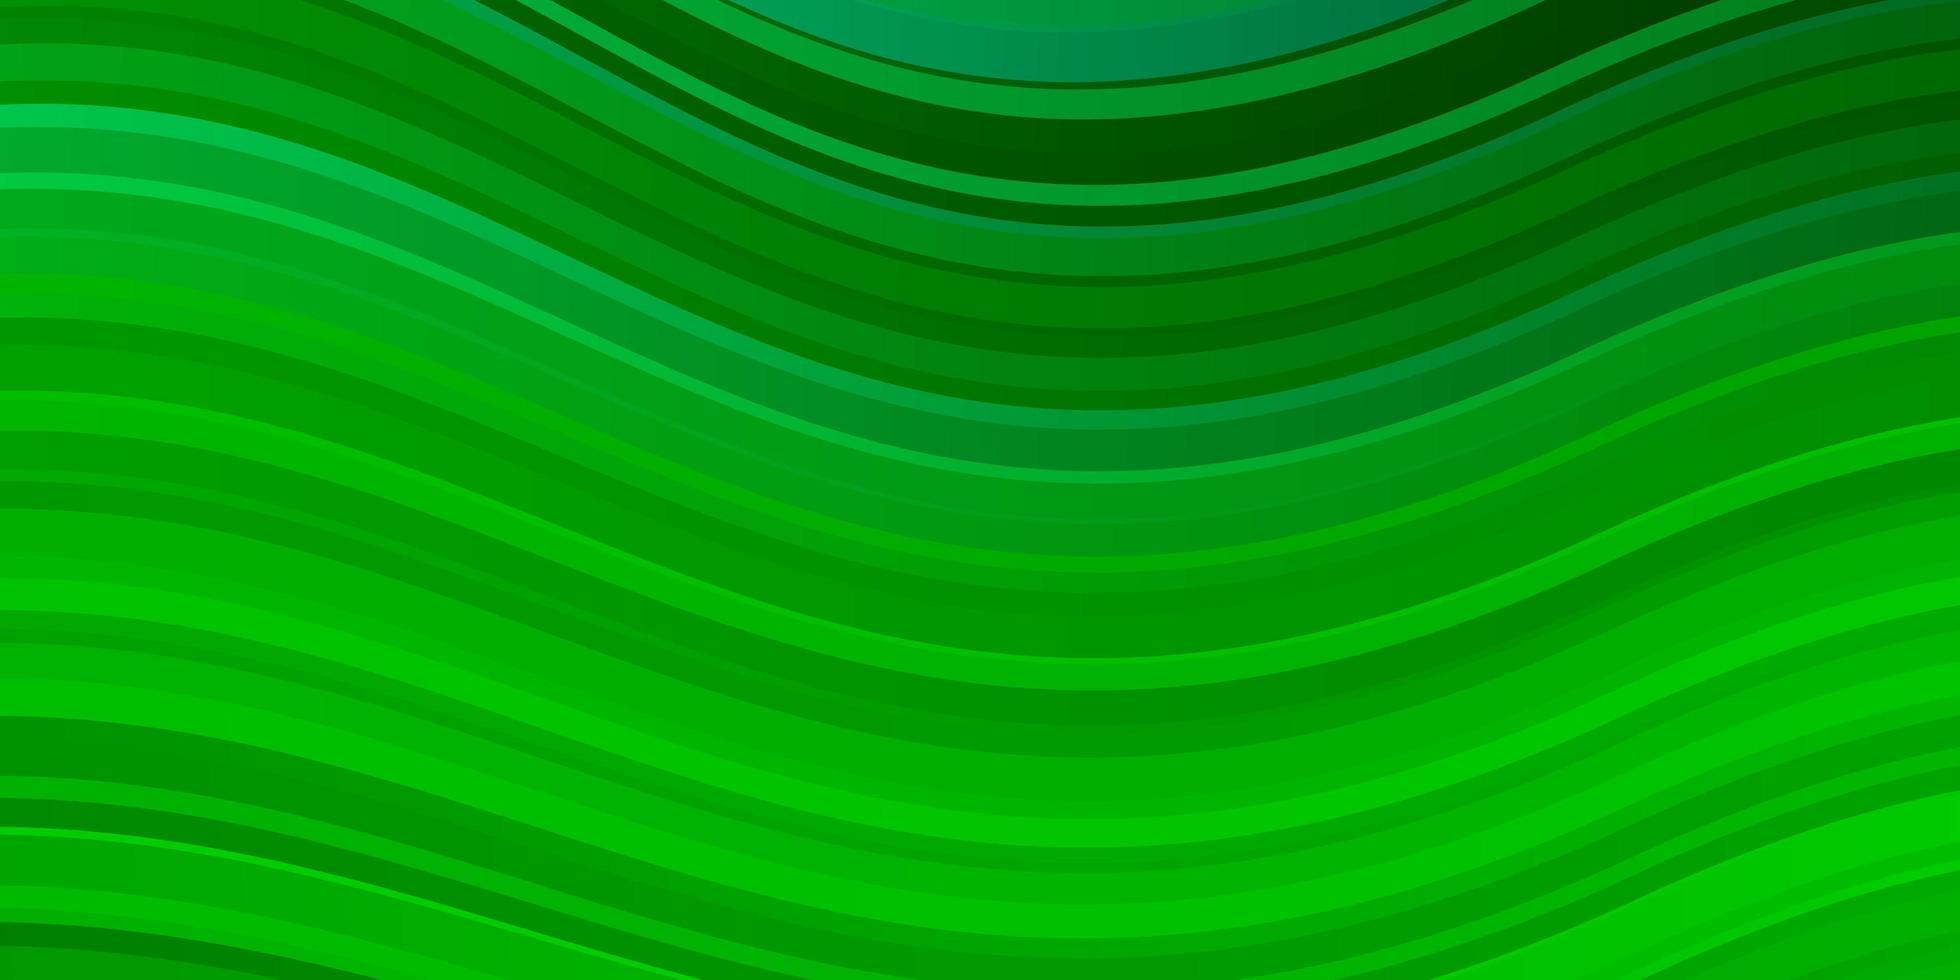 sfondo verde chiaro con linee curve. vettore